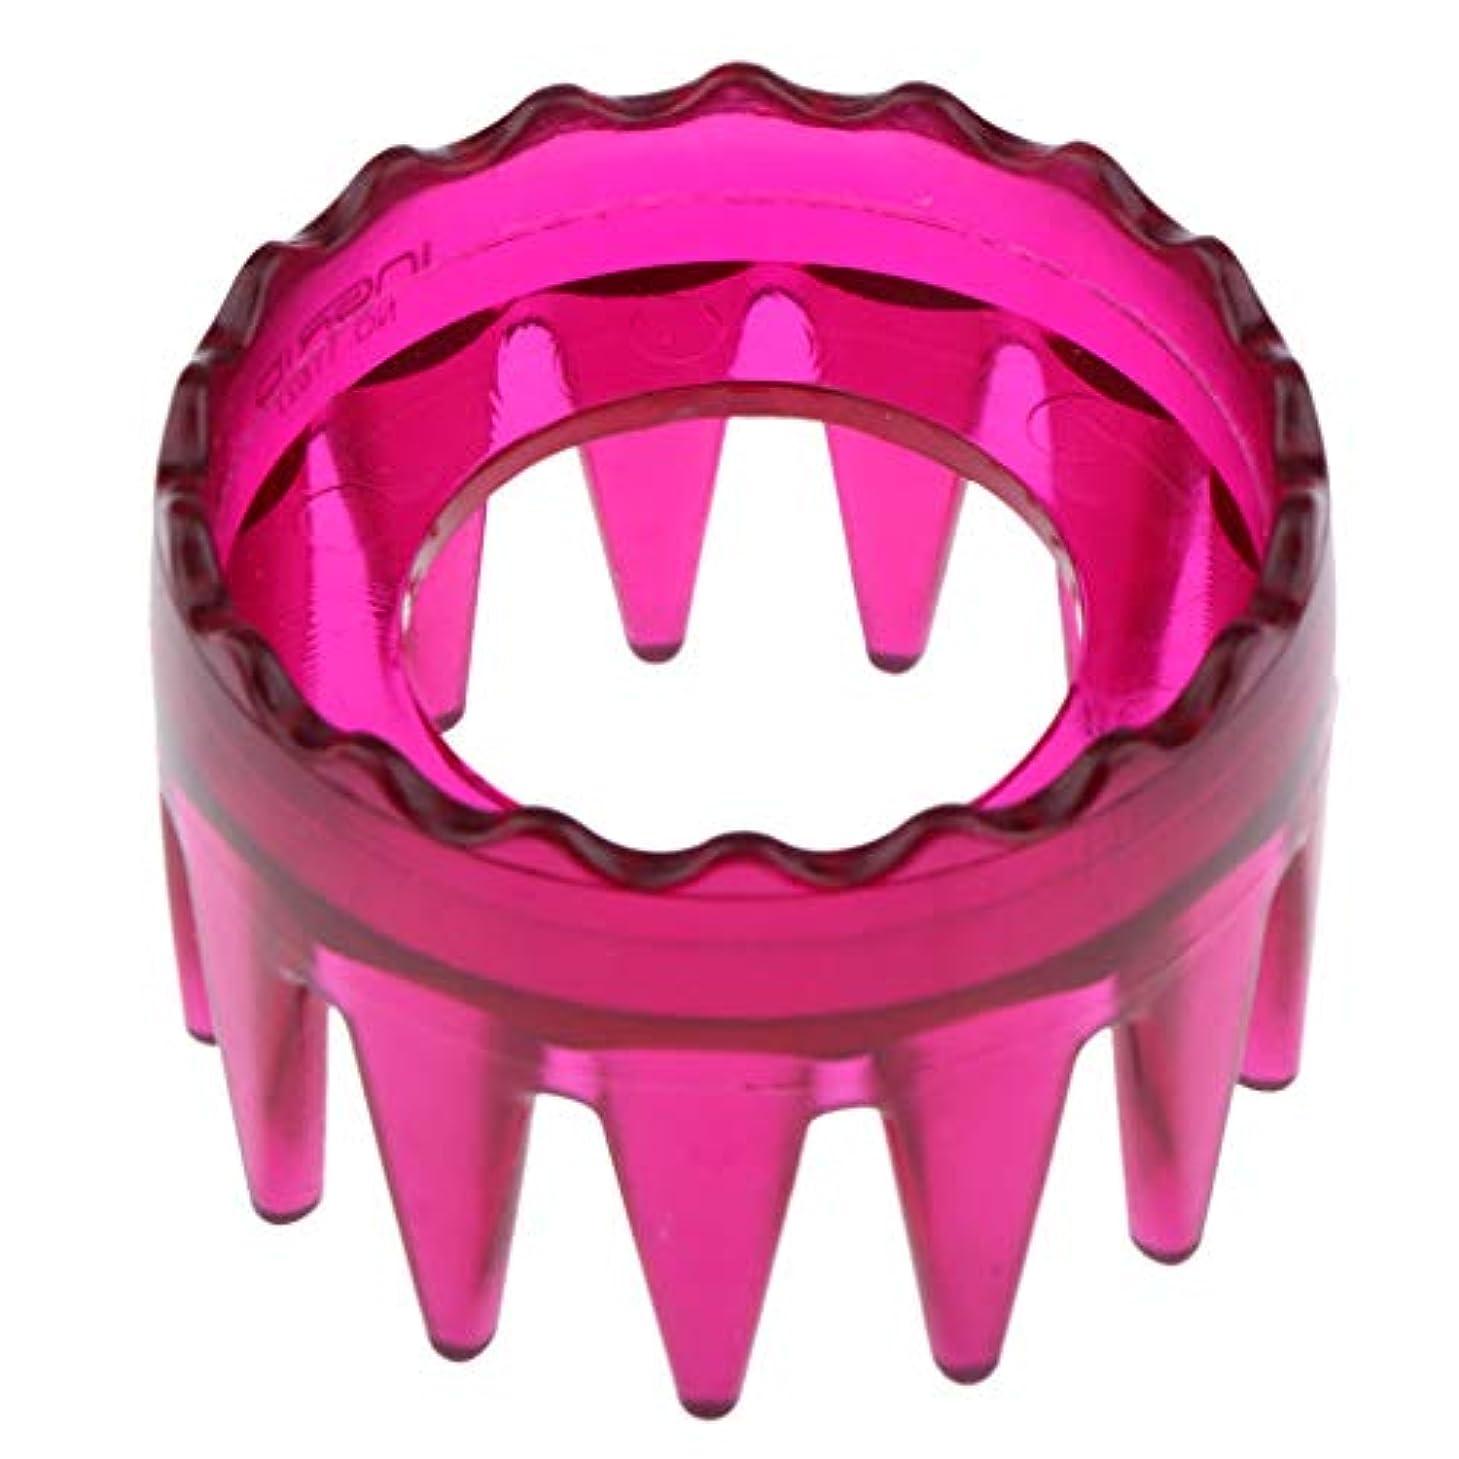 満足できる悪化させるペチュランスDYNWAVE シャンプーブラシ 洗髪櫛 マッサージャー ヘアコーム ヘアブラシ プラスチック製 全4色 - ローズレッド